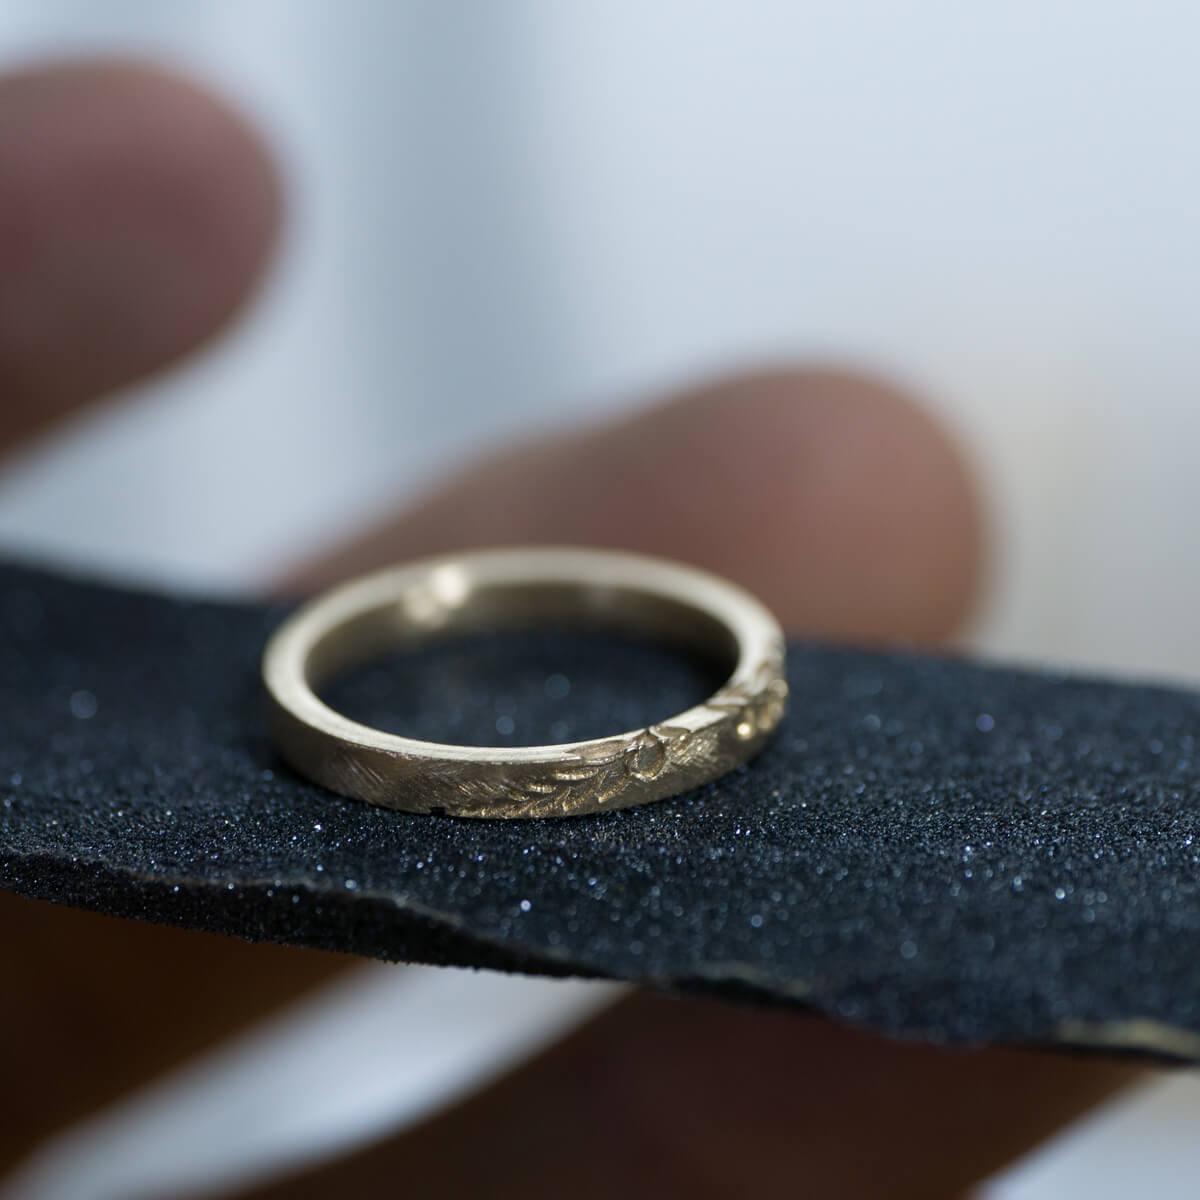 紙やすりの上 オーダーメイドマリッジリングの制作風景 ジュエリーのアトリエ 屋久島のシダモチーフ ゴールド、プラチナ 屋久島でつくる結婚指輪